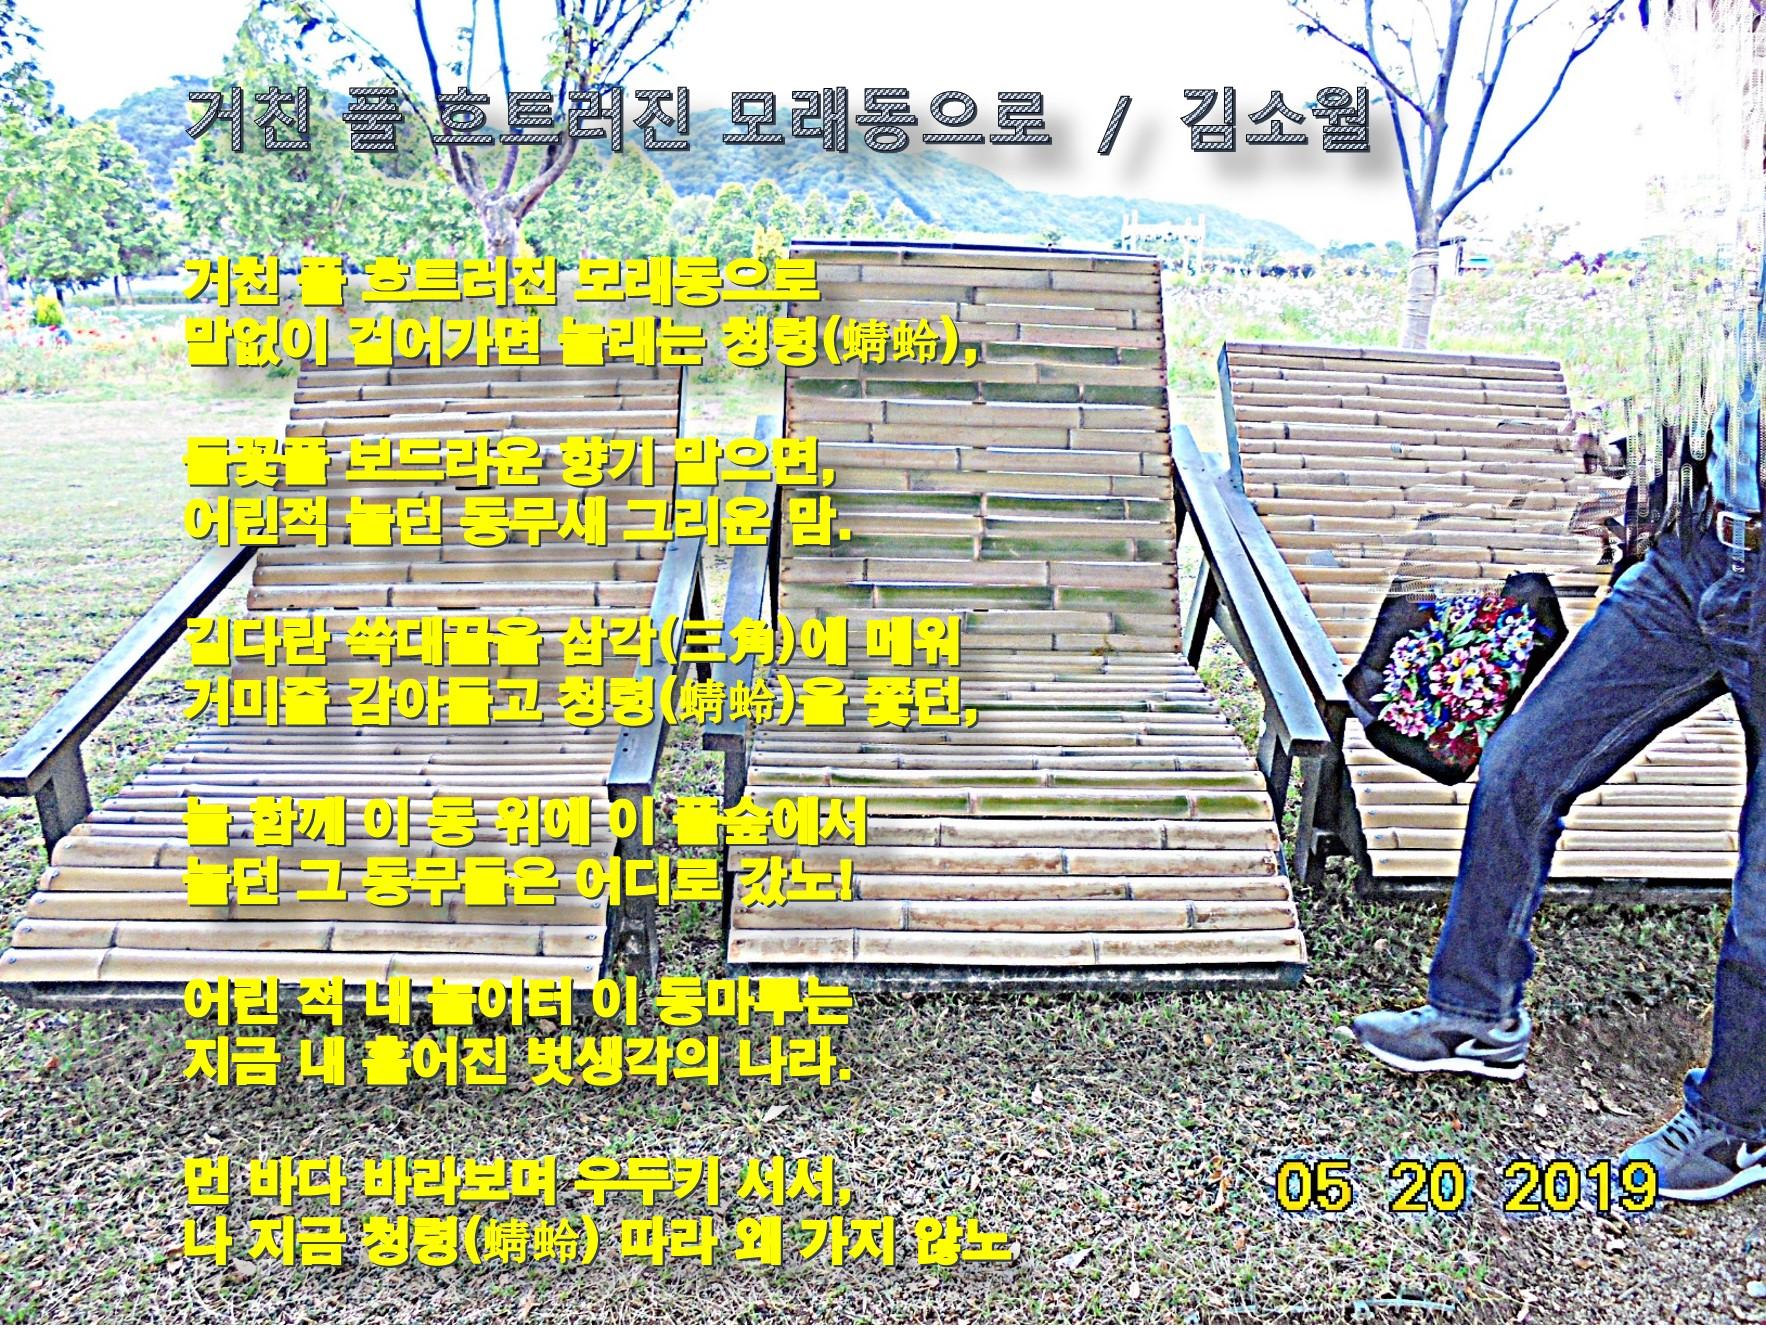 이 글은 파워포인트에서 만든 이미지입니다  거친 풀 흐트러진 모래동으로  / 김소월